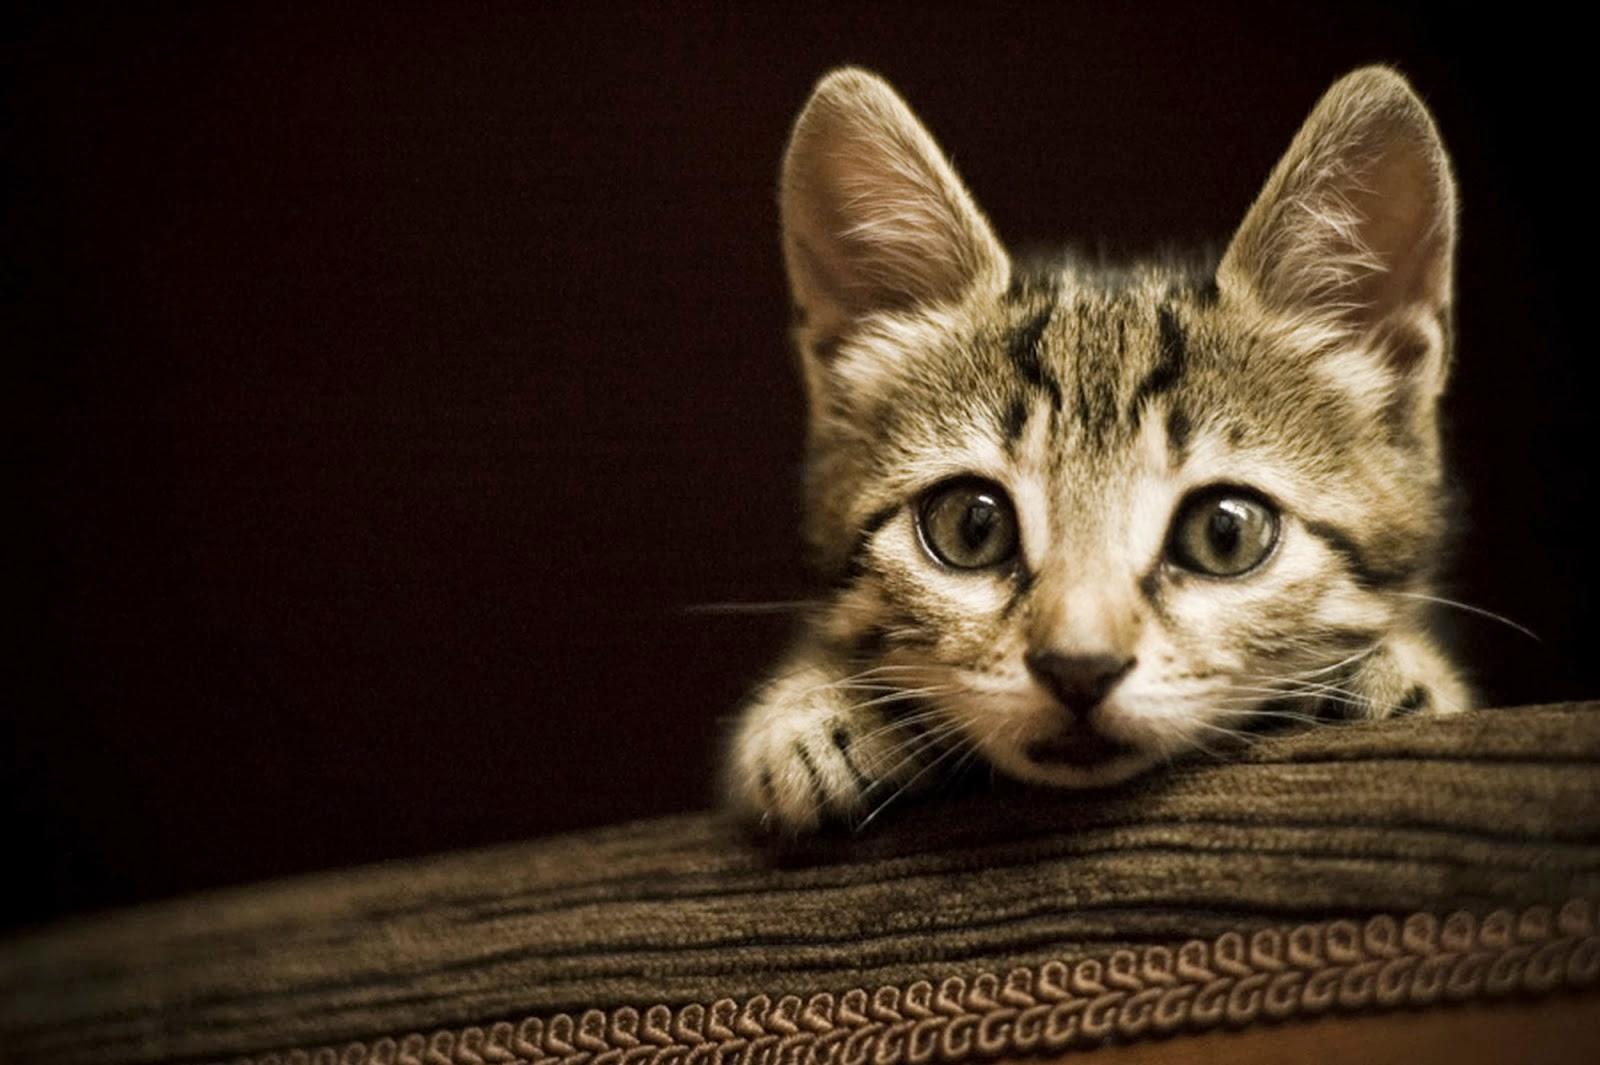 imagenes tiernas de perros y gatos , felinos